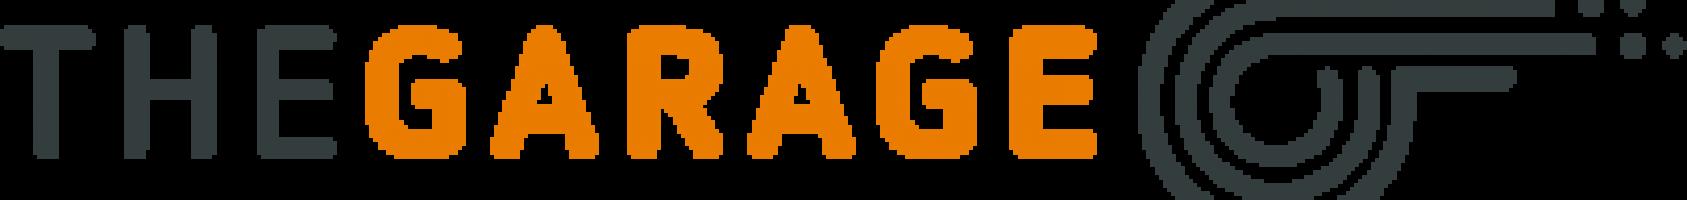 logo_werkstatt_ohneslogan_rgb